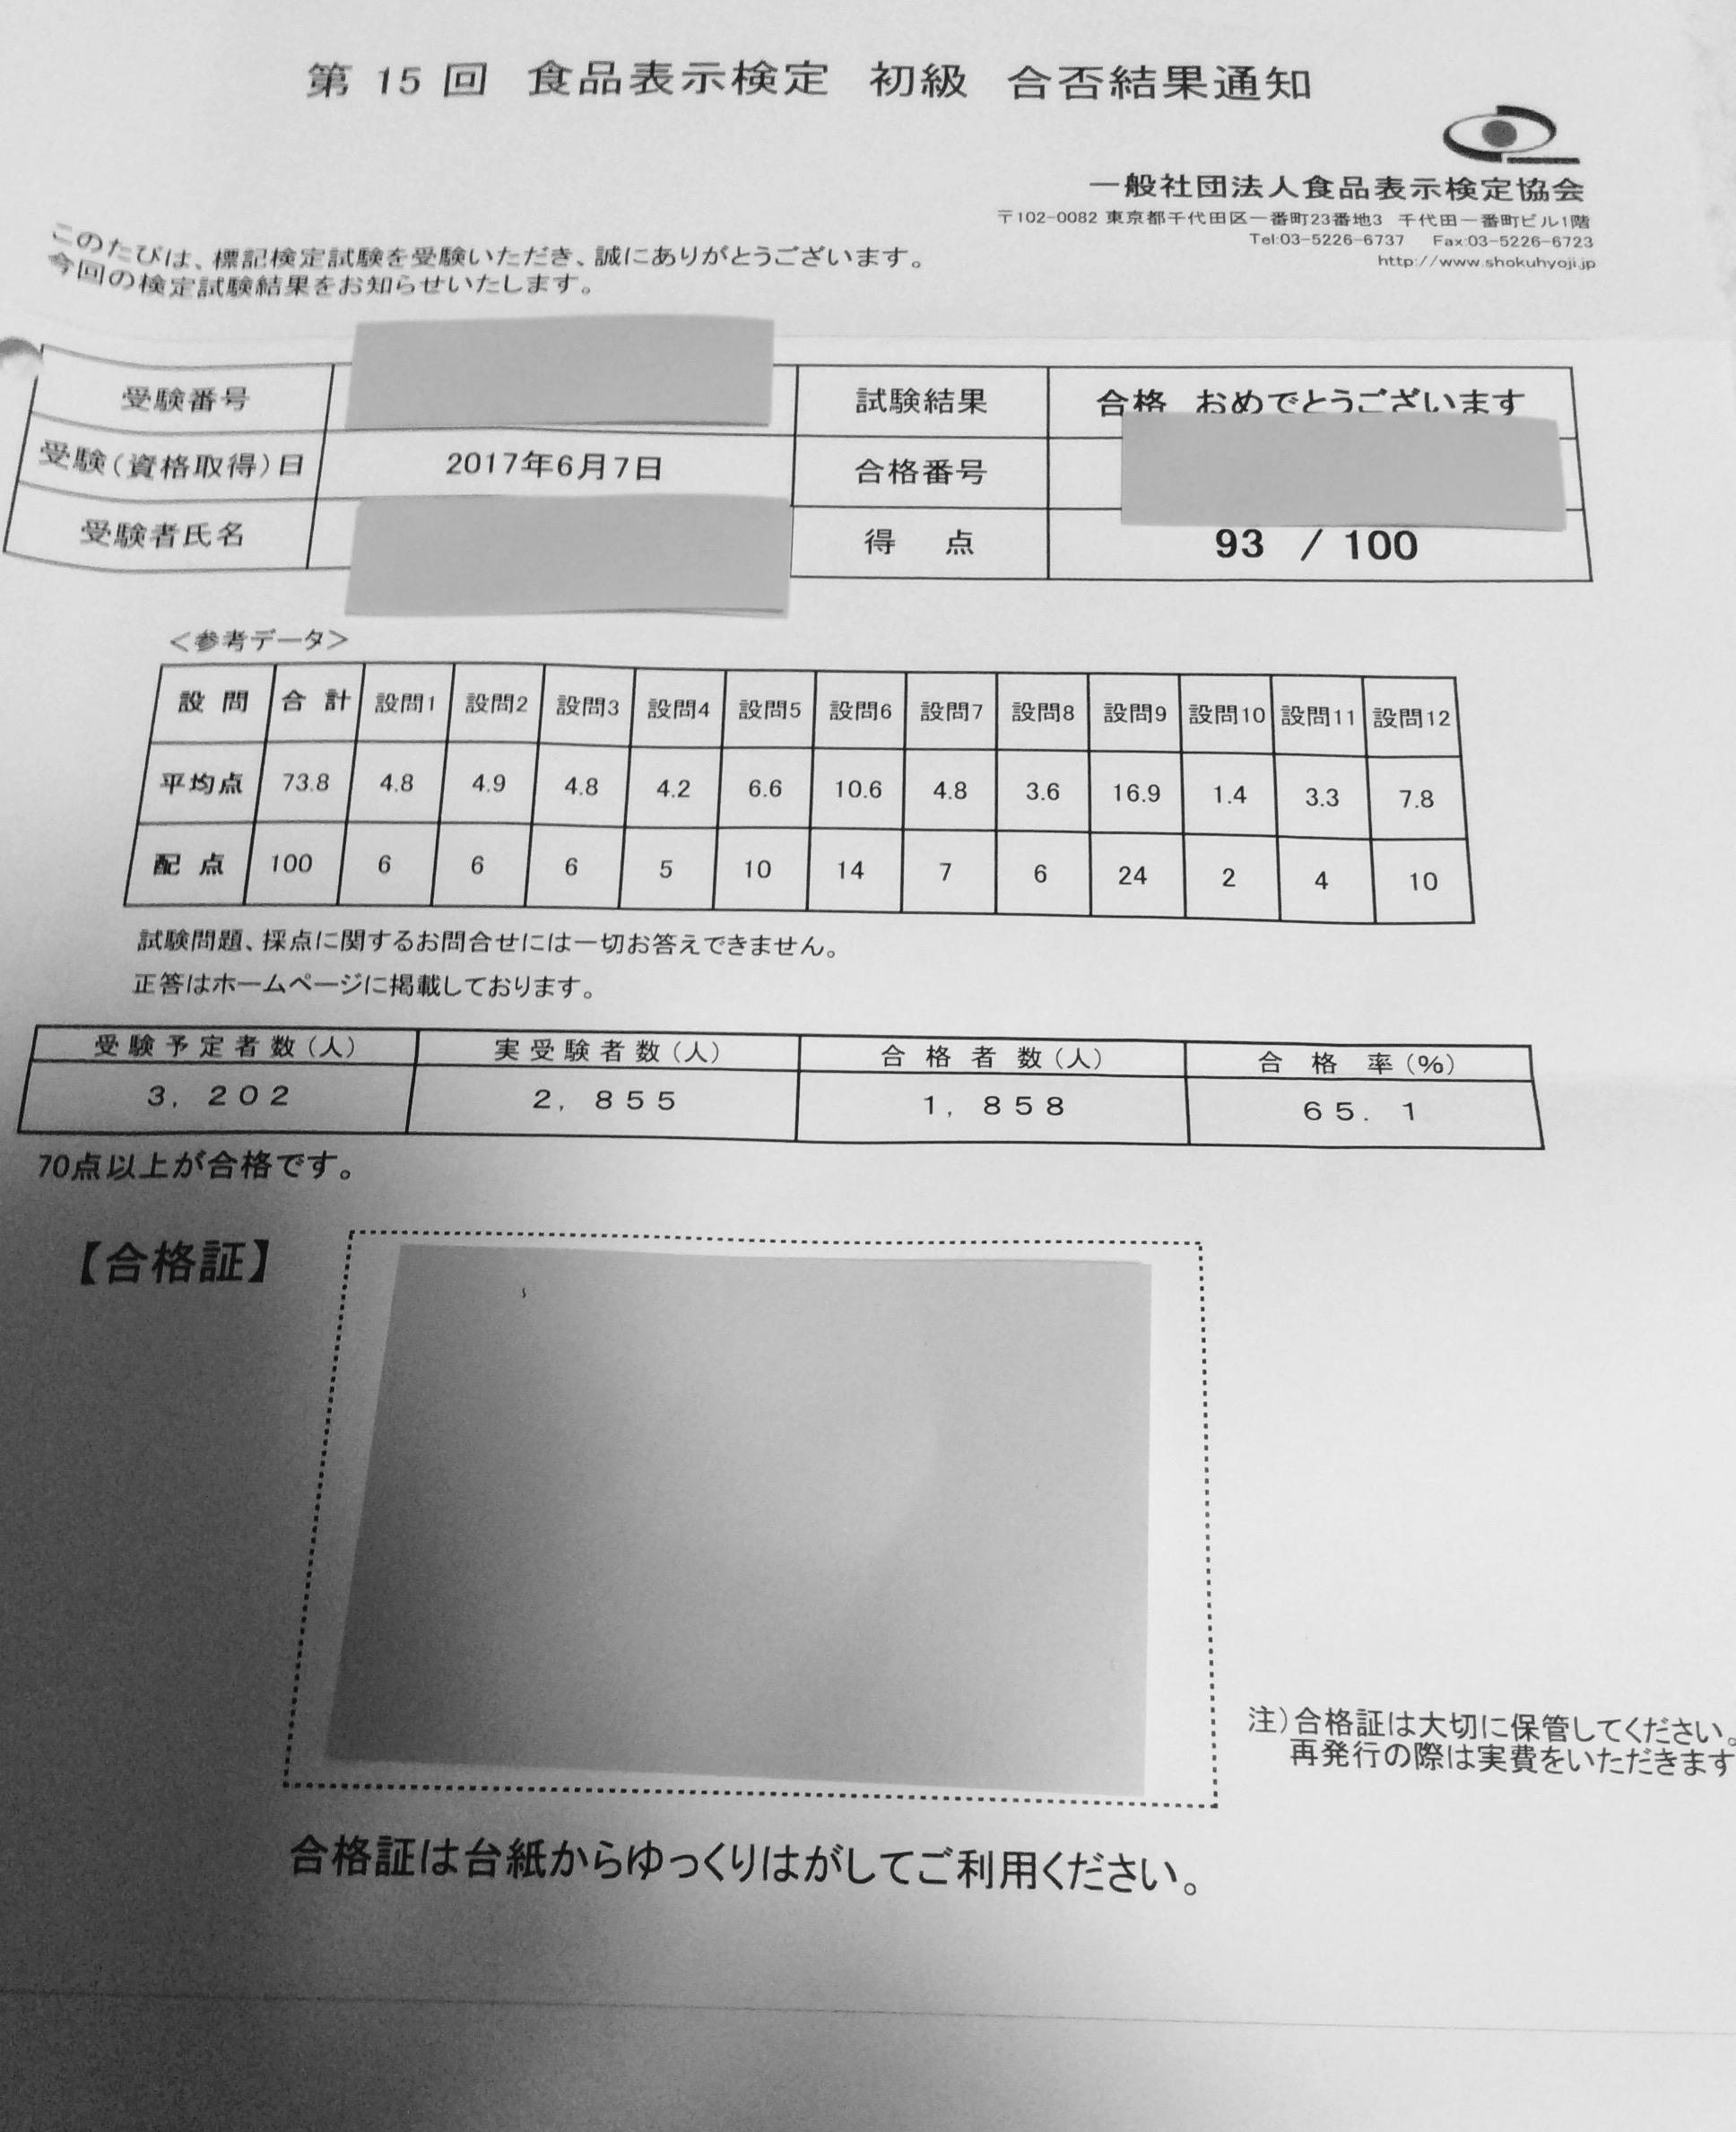 食品表示検定初級 合格通知 「食彩life」運営者dai